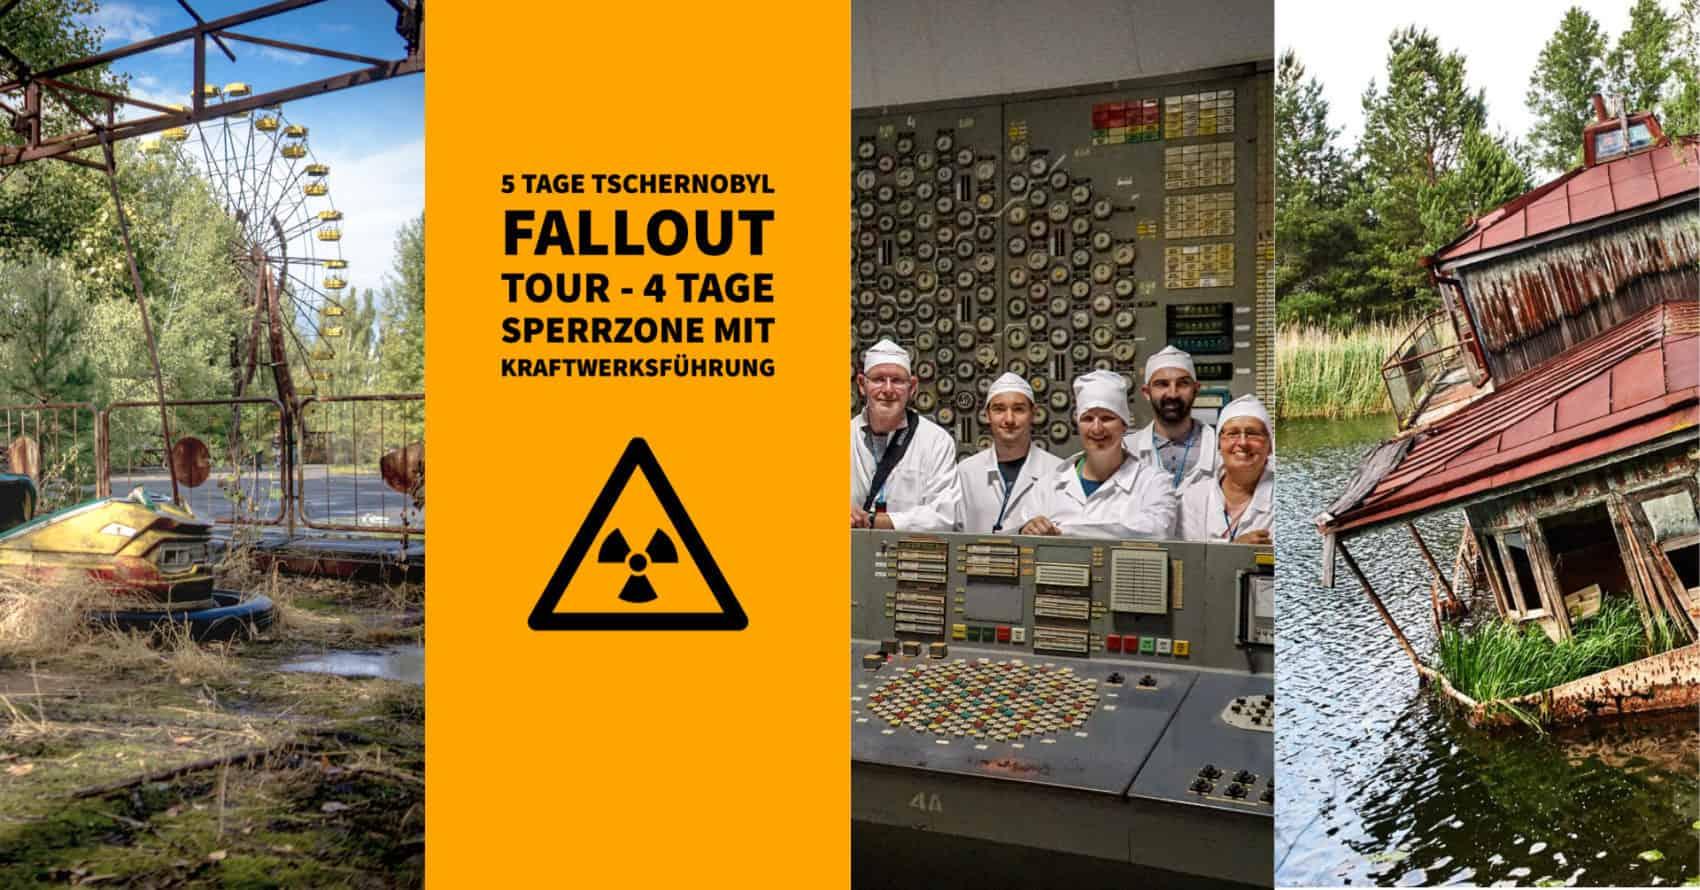 Tschernobyl Fallout Tour Banner